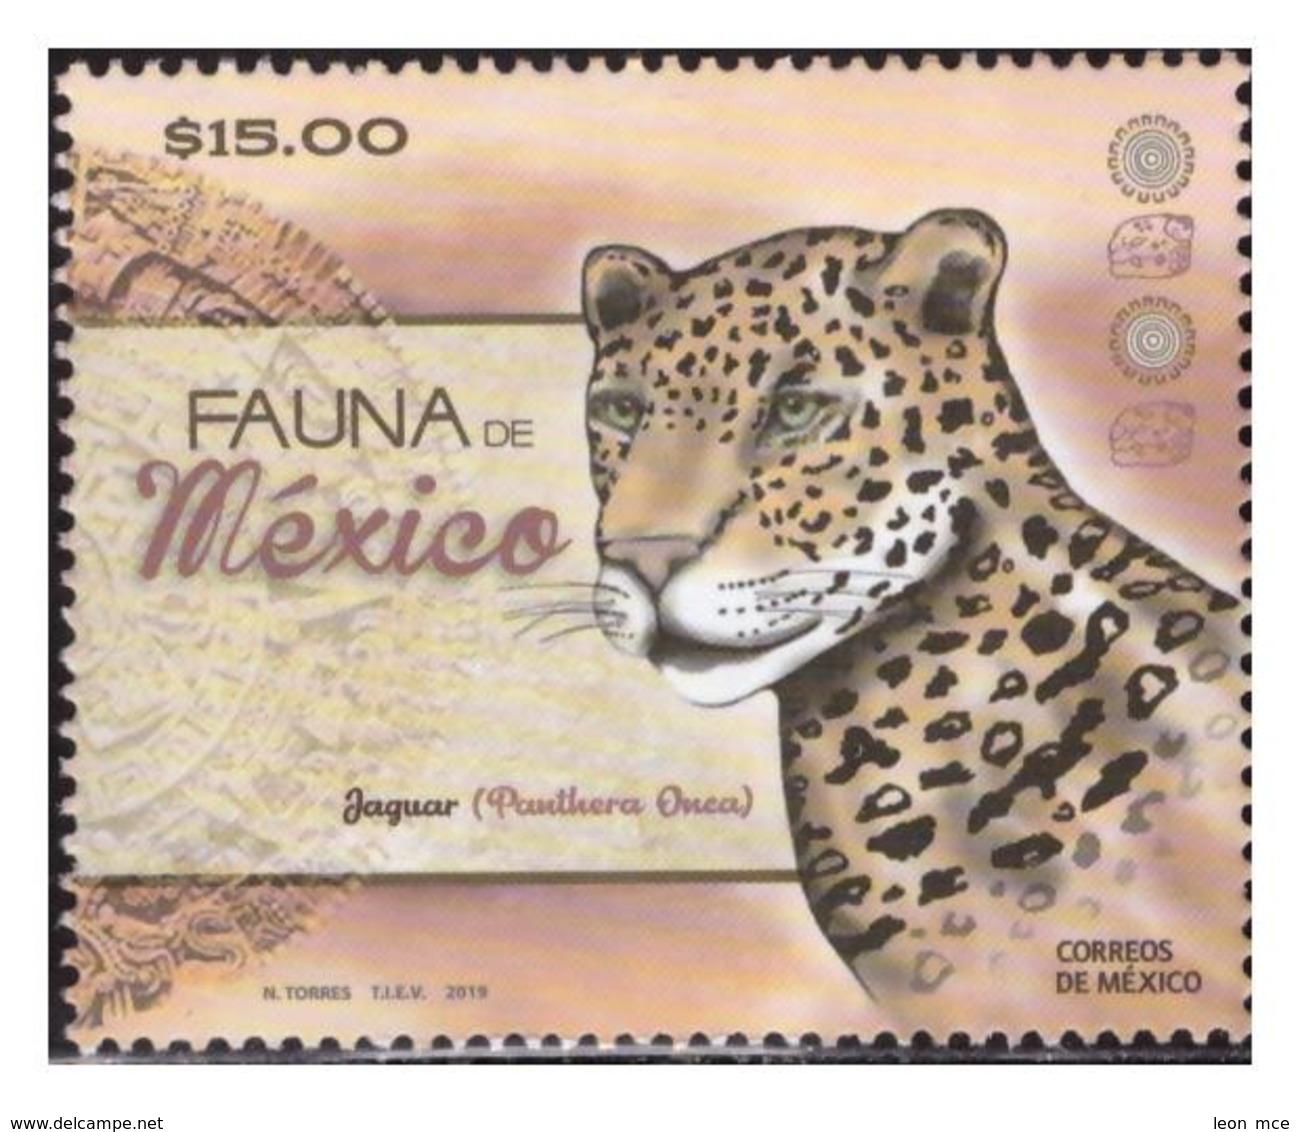 2019 MÉXICO  Fauna De México, Jaguar (Panthera Onca) STAMP MNH, FELINOS Mexico Wildlife, AZTEC CALENDAR, ARCHEOLOGY - Mexico